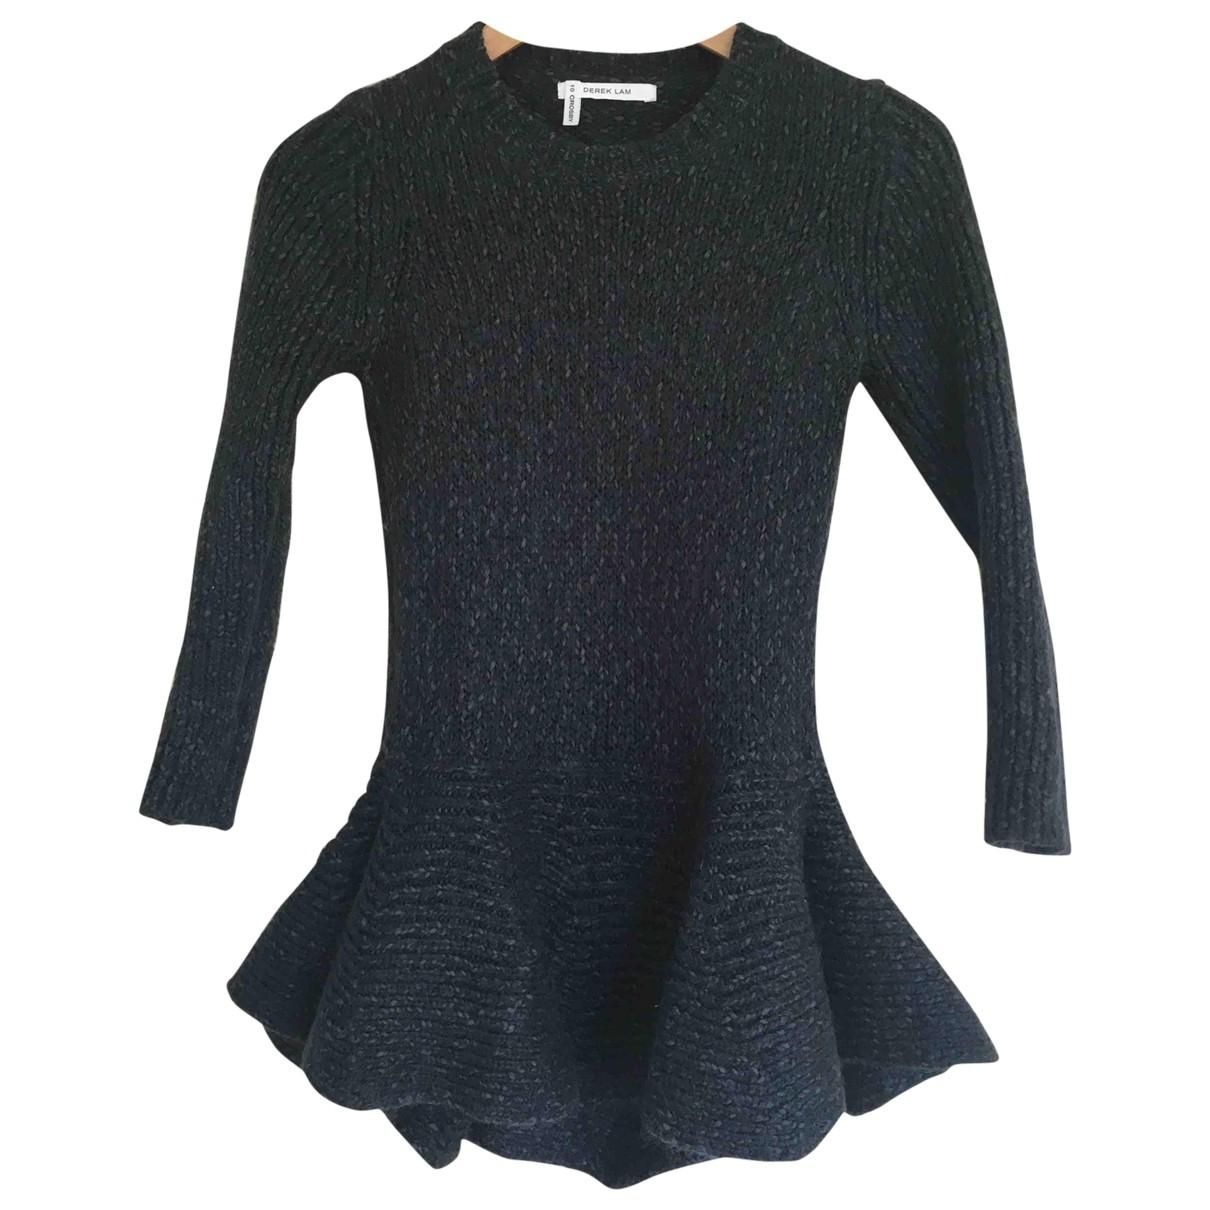 10 Crosby By Derek Lam \N Green Wool Knitwear for Women S International